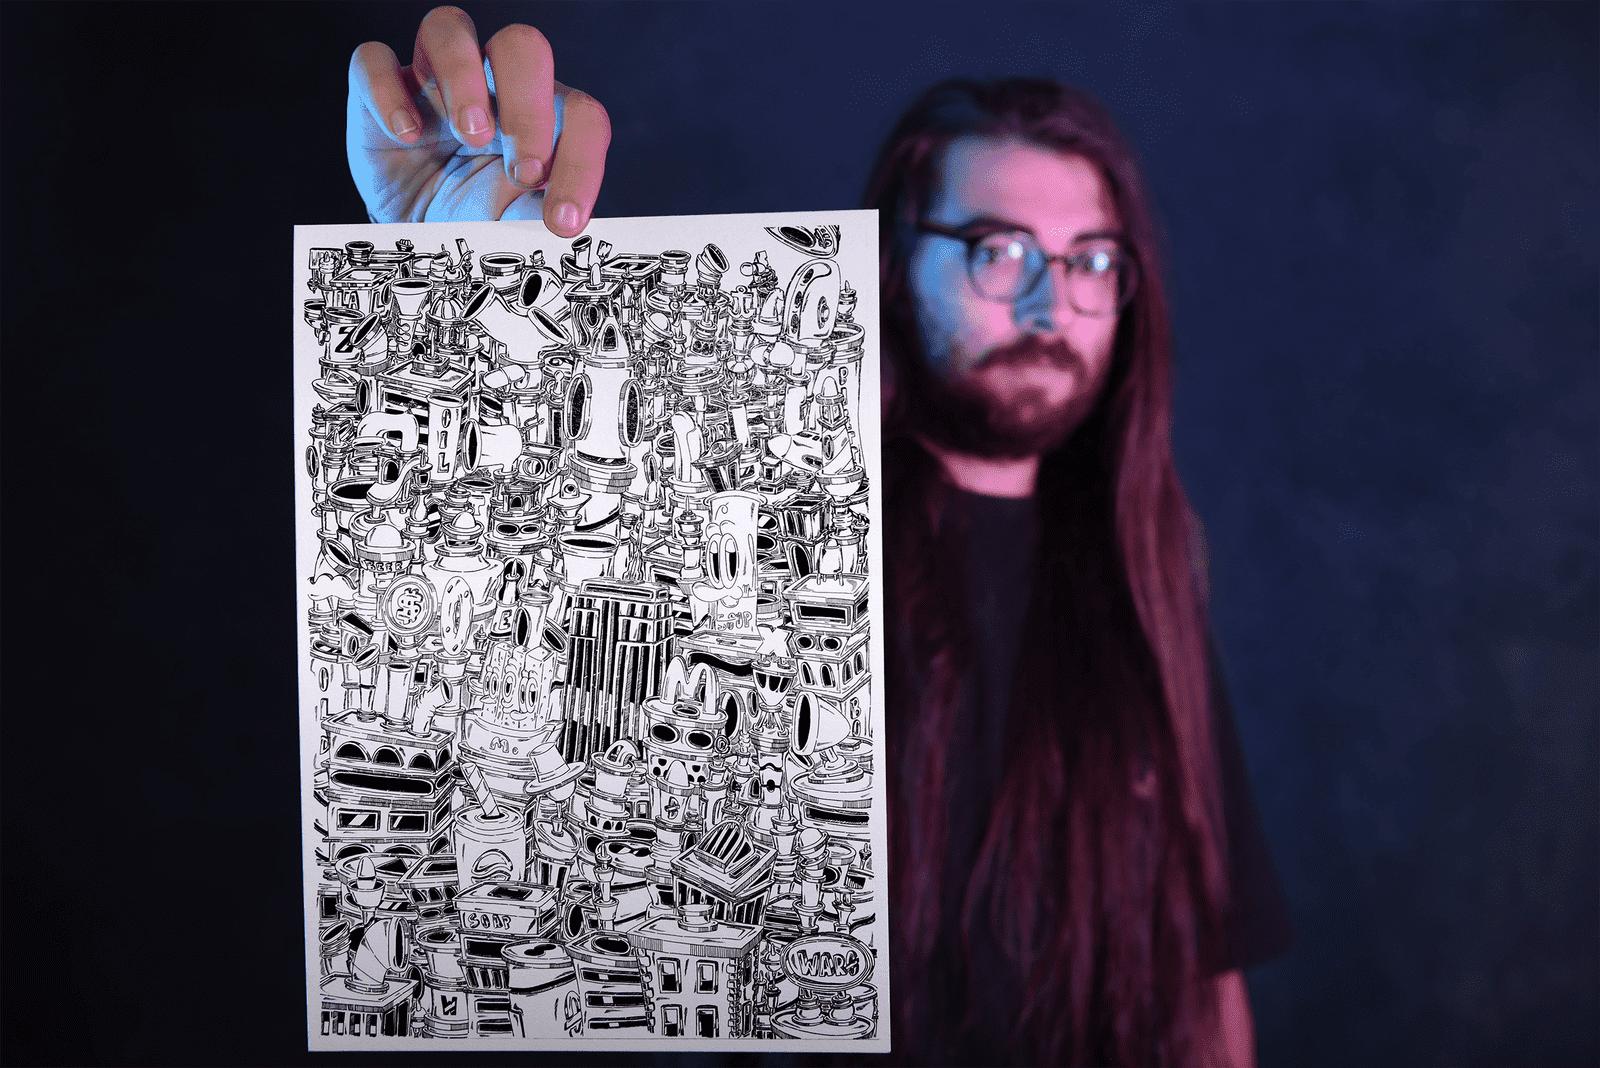 WARO - l'artista che si ispira alla Pop Art per disegnare il chaos in bianco e nero